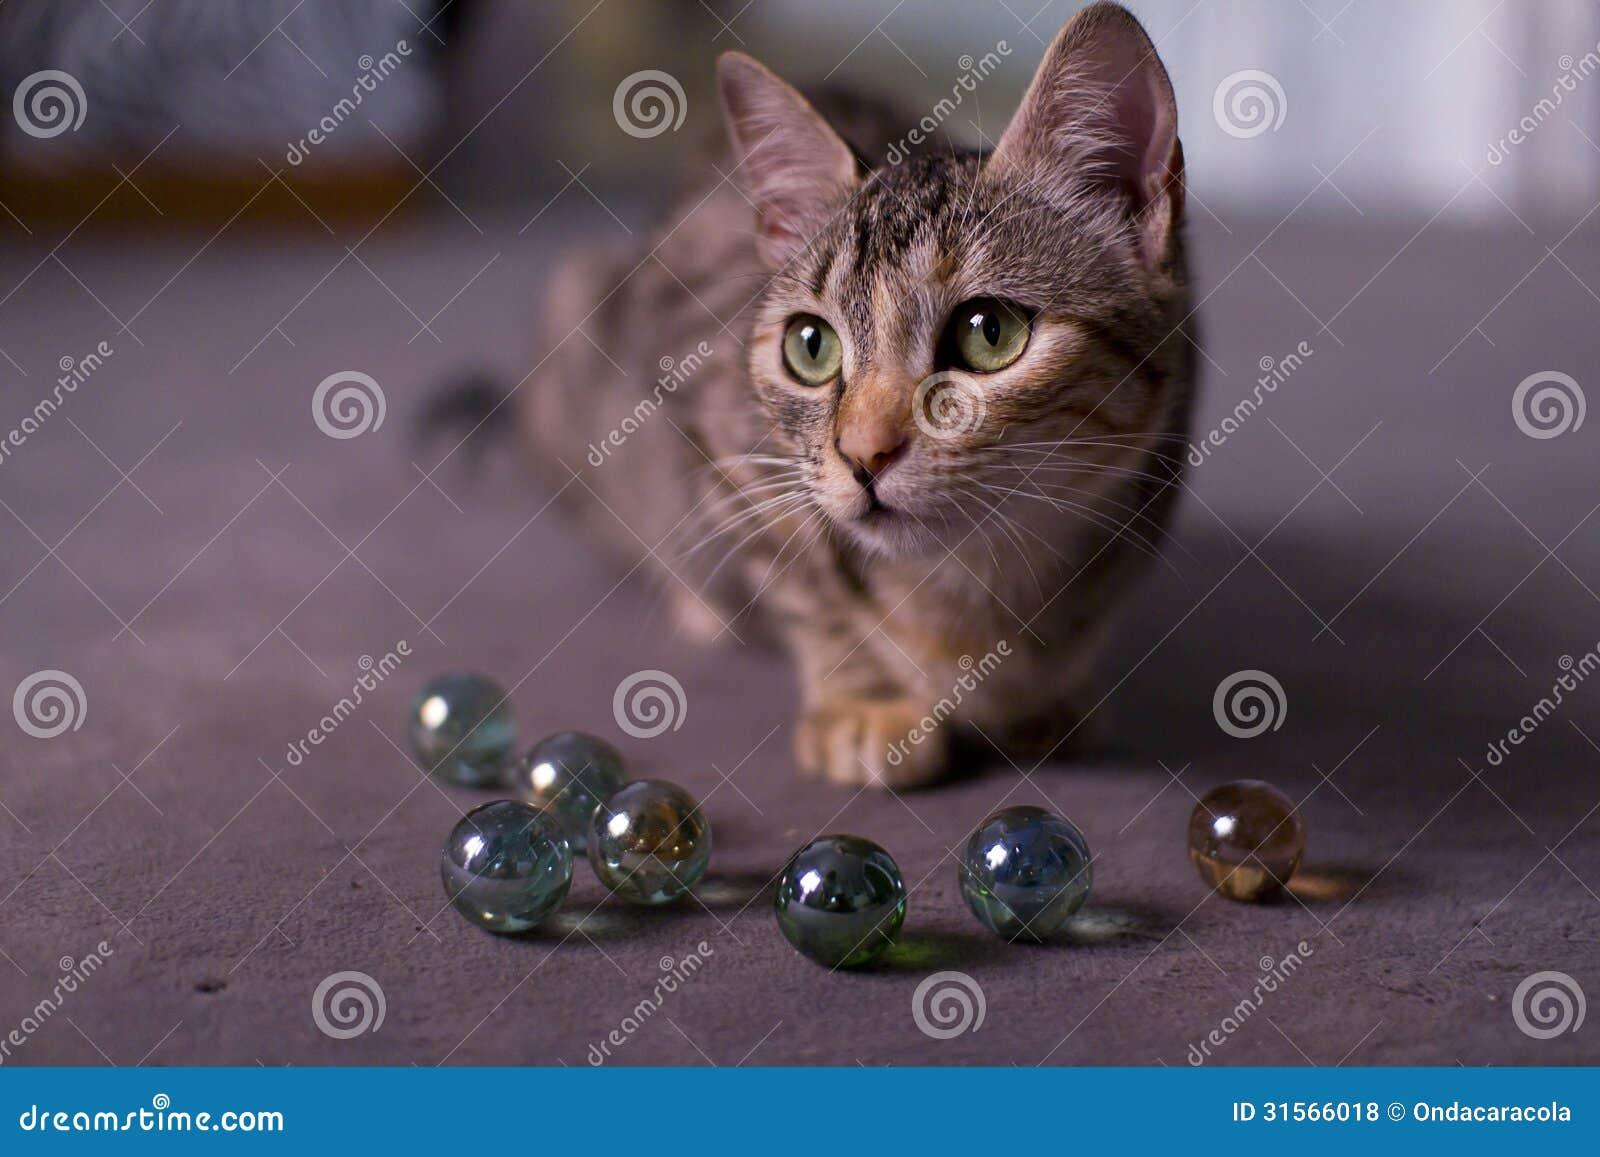 Transparent Crystal Cat Stock Photo Cartoondealer Com